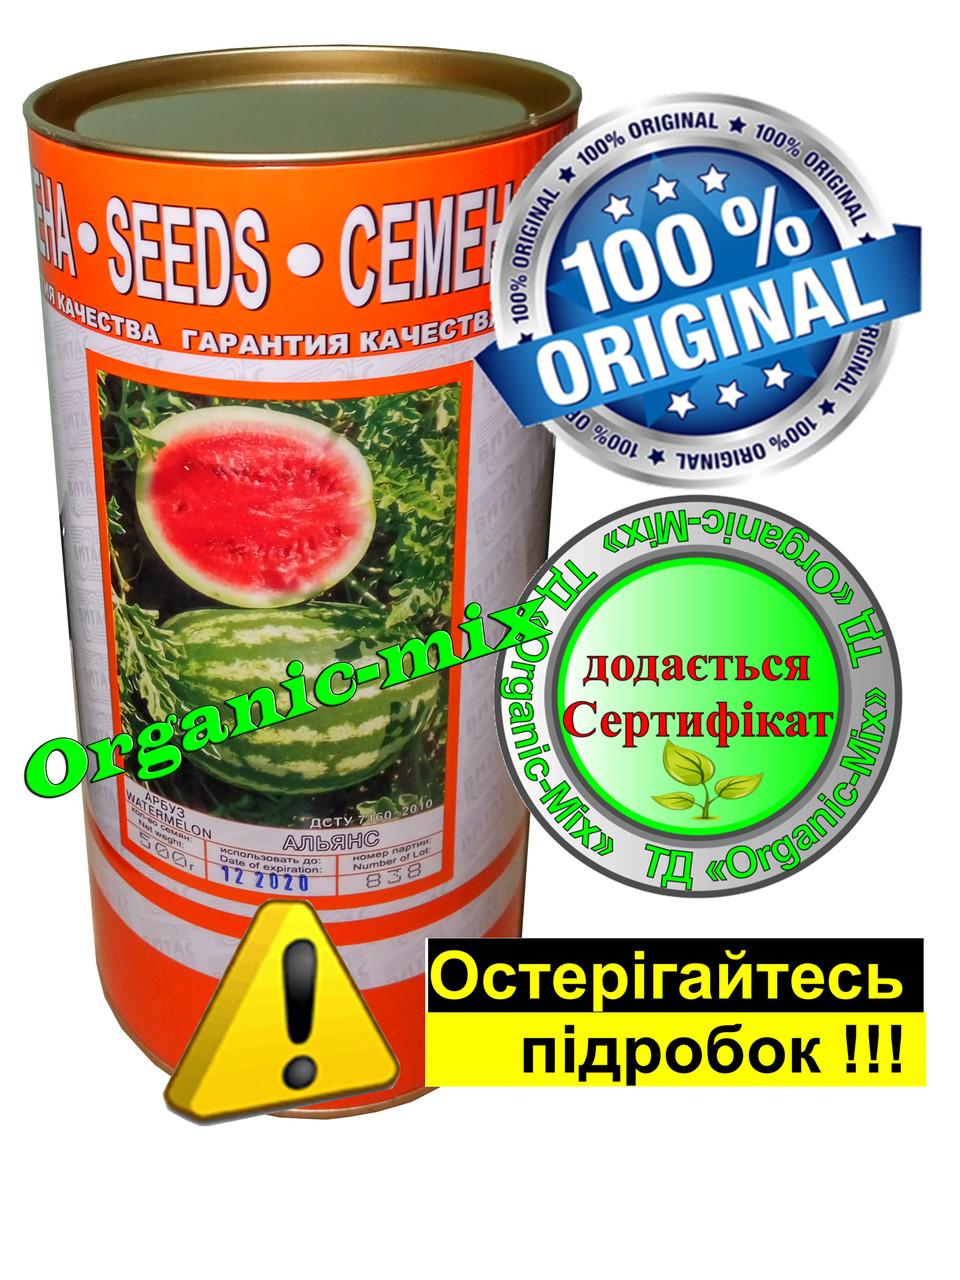 Арбуз АЛЬЯНС (Ukraine), среднеспелый, проф. семена, банка 500 грамм,обработанные Metalaxyl-M